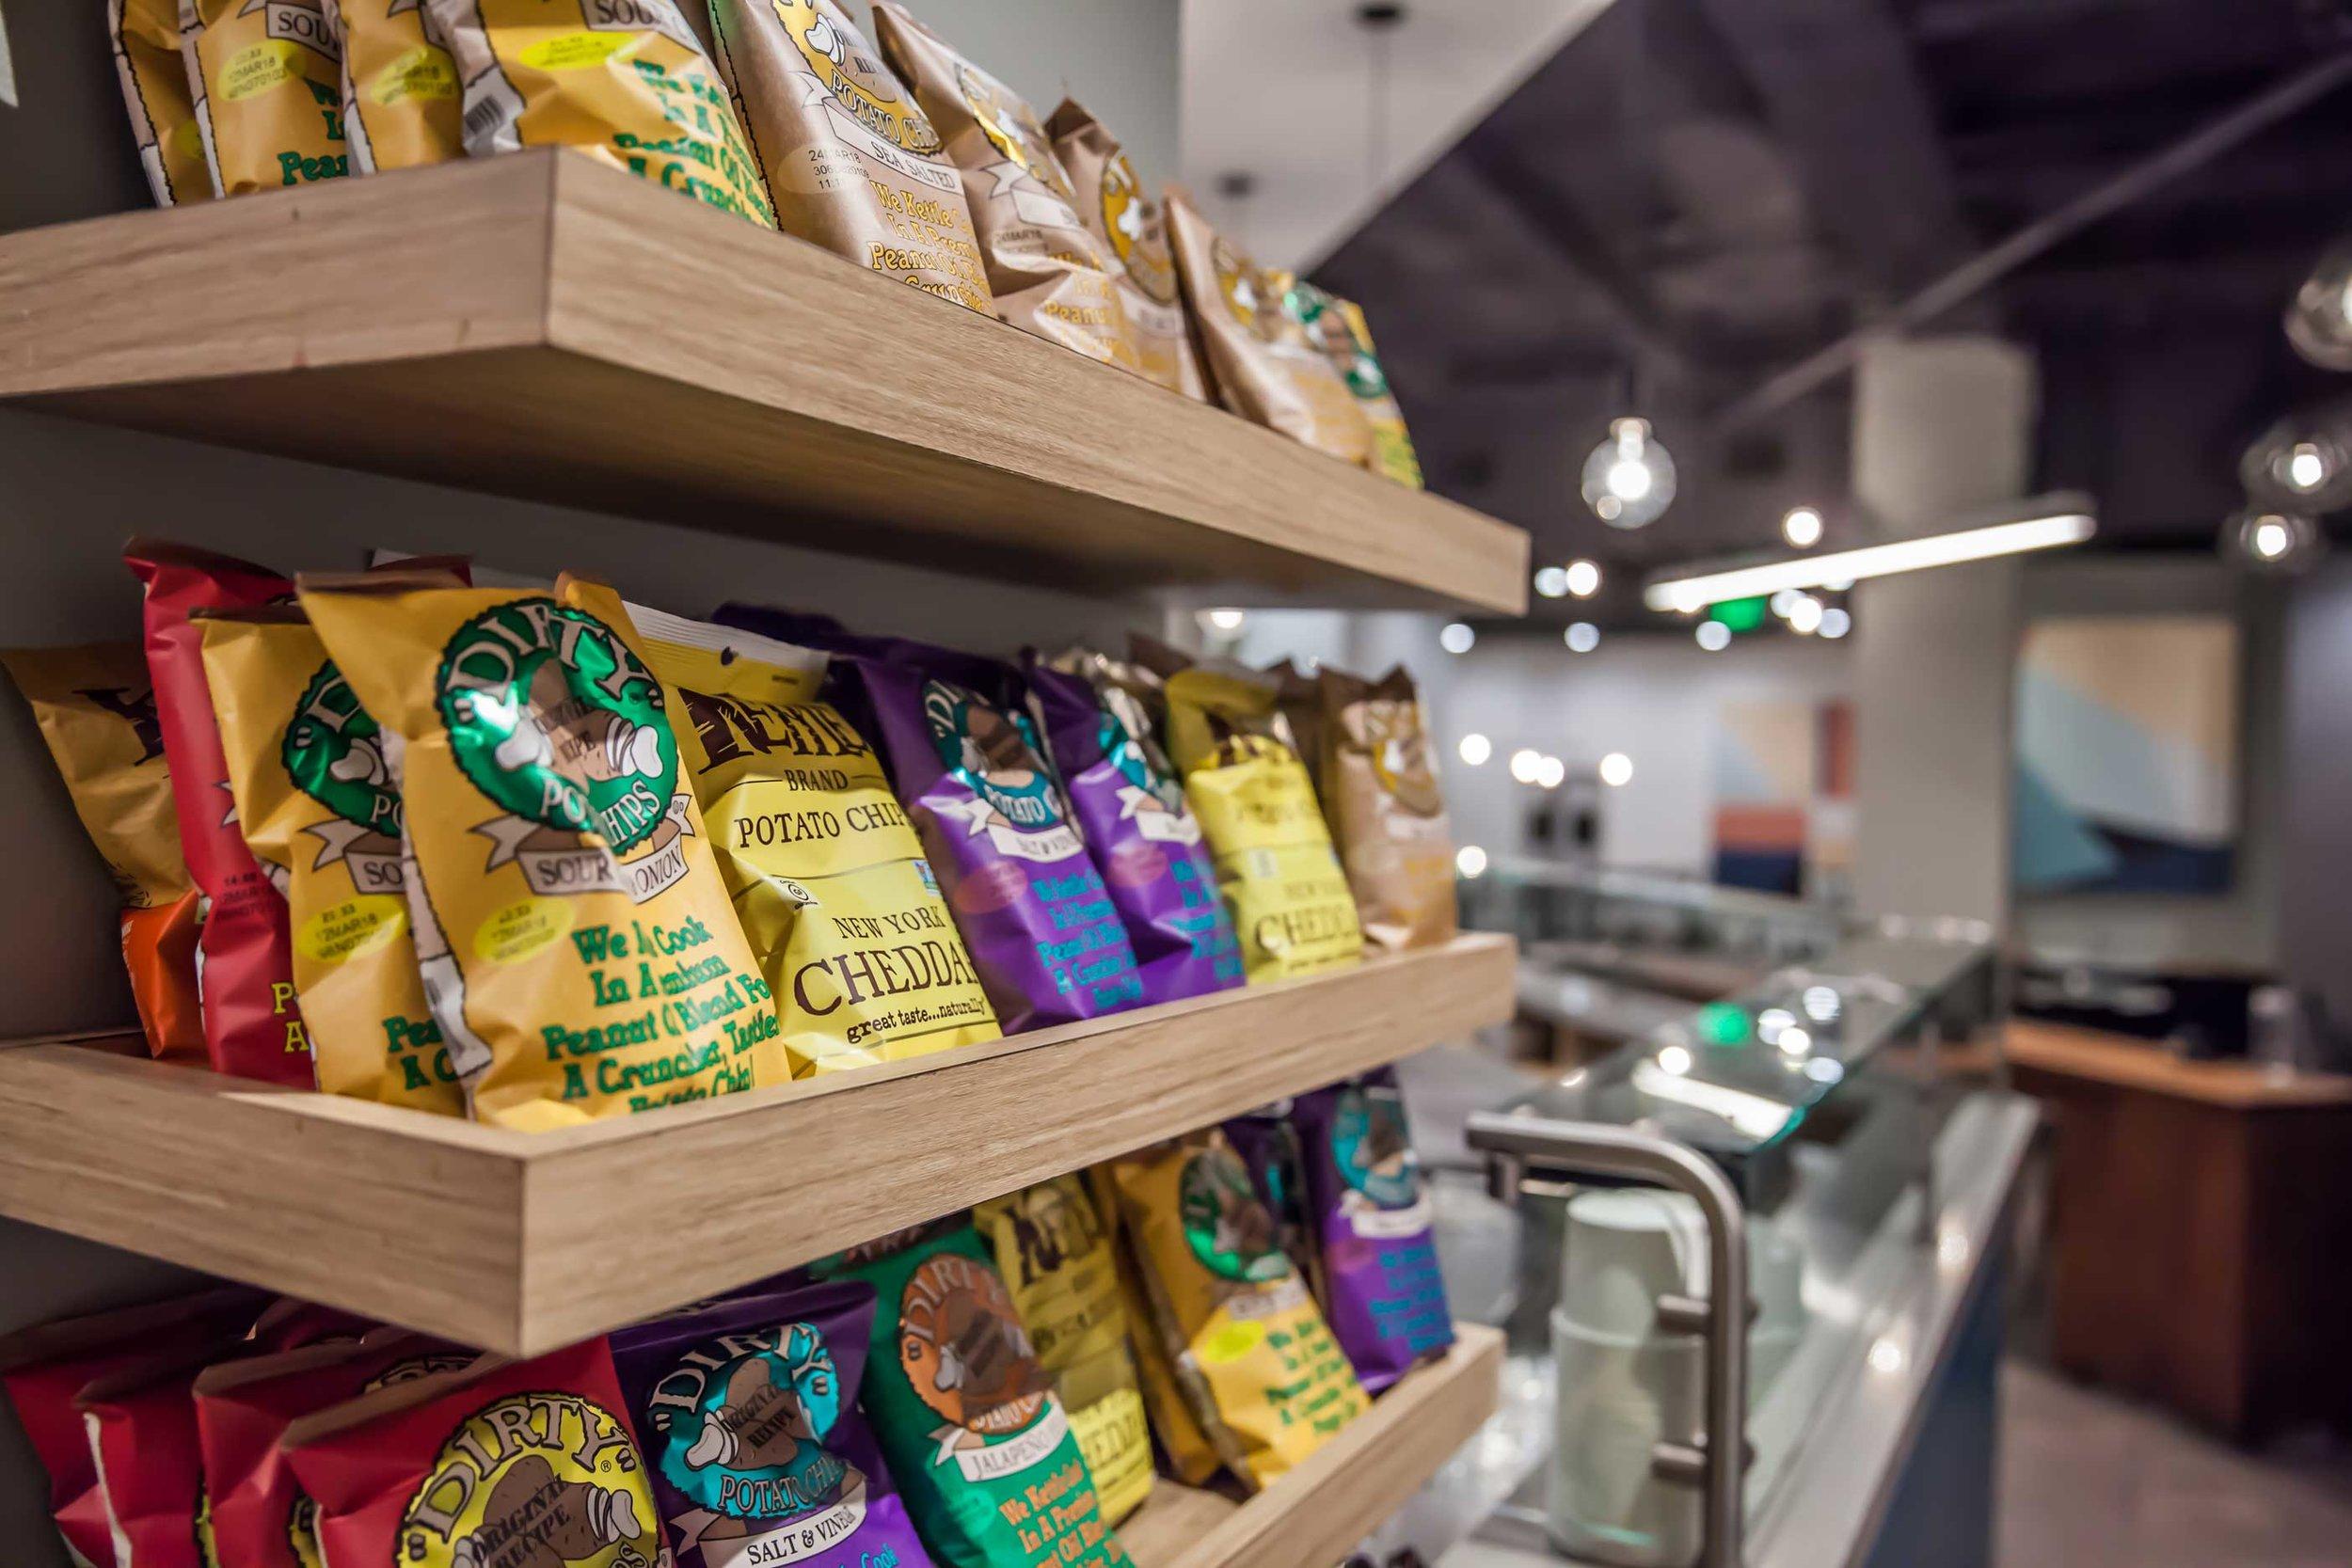 Image-of-restaurant-shelf.jpg